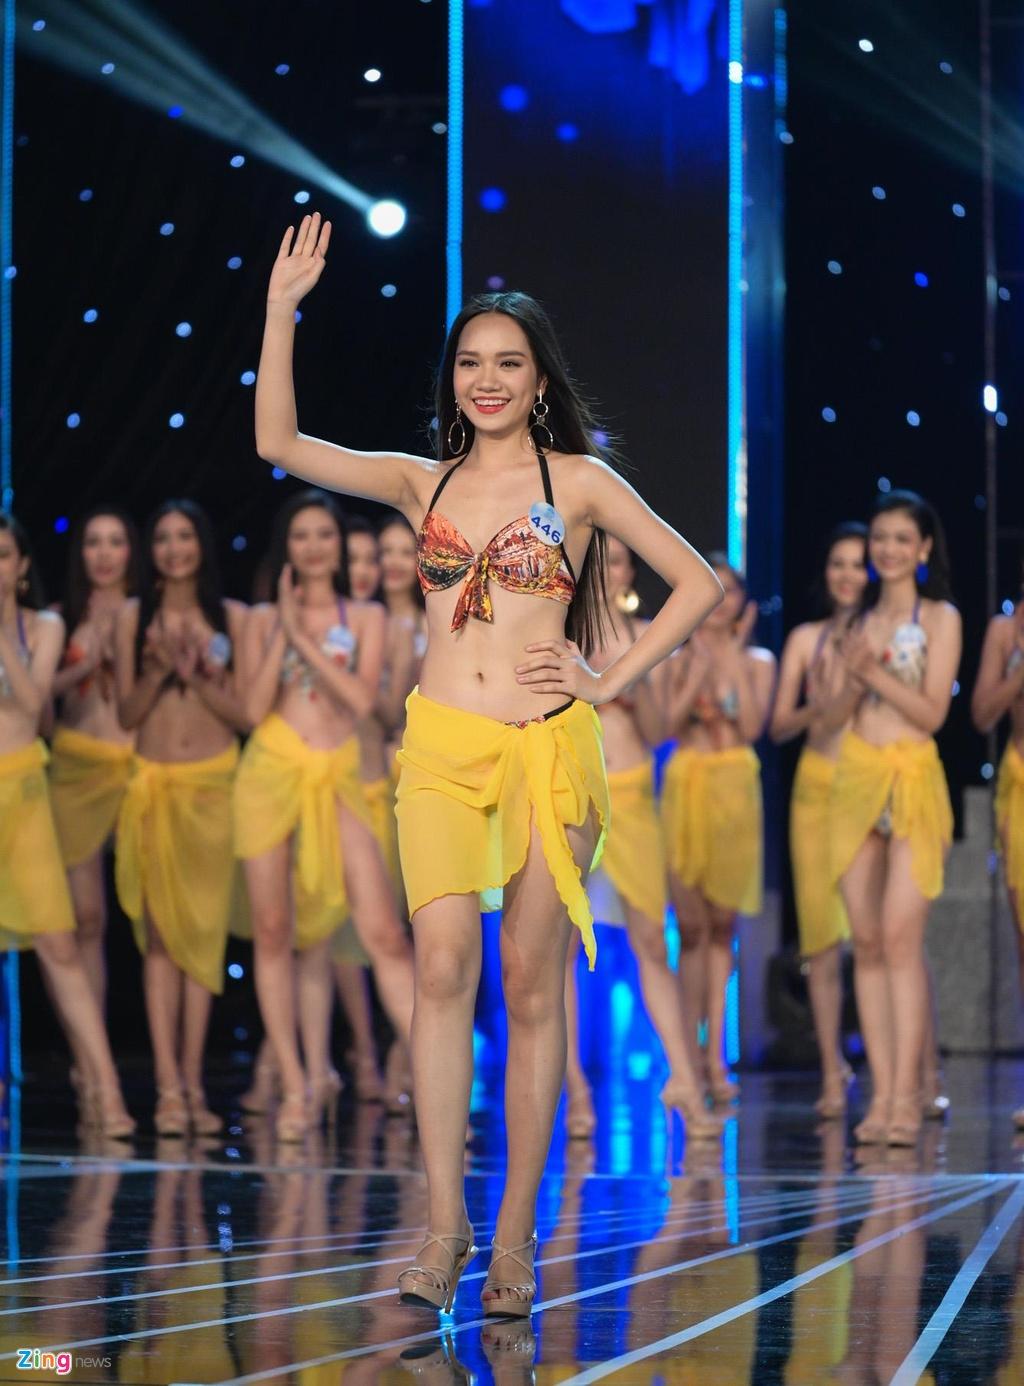 Nguoi dep Hoa hau The gioi Viet Nam 2019 khoe hinh the voi bikini hinh anh 13